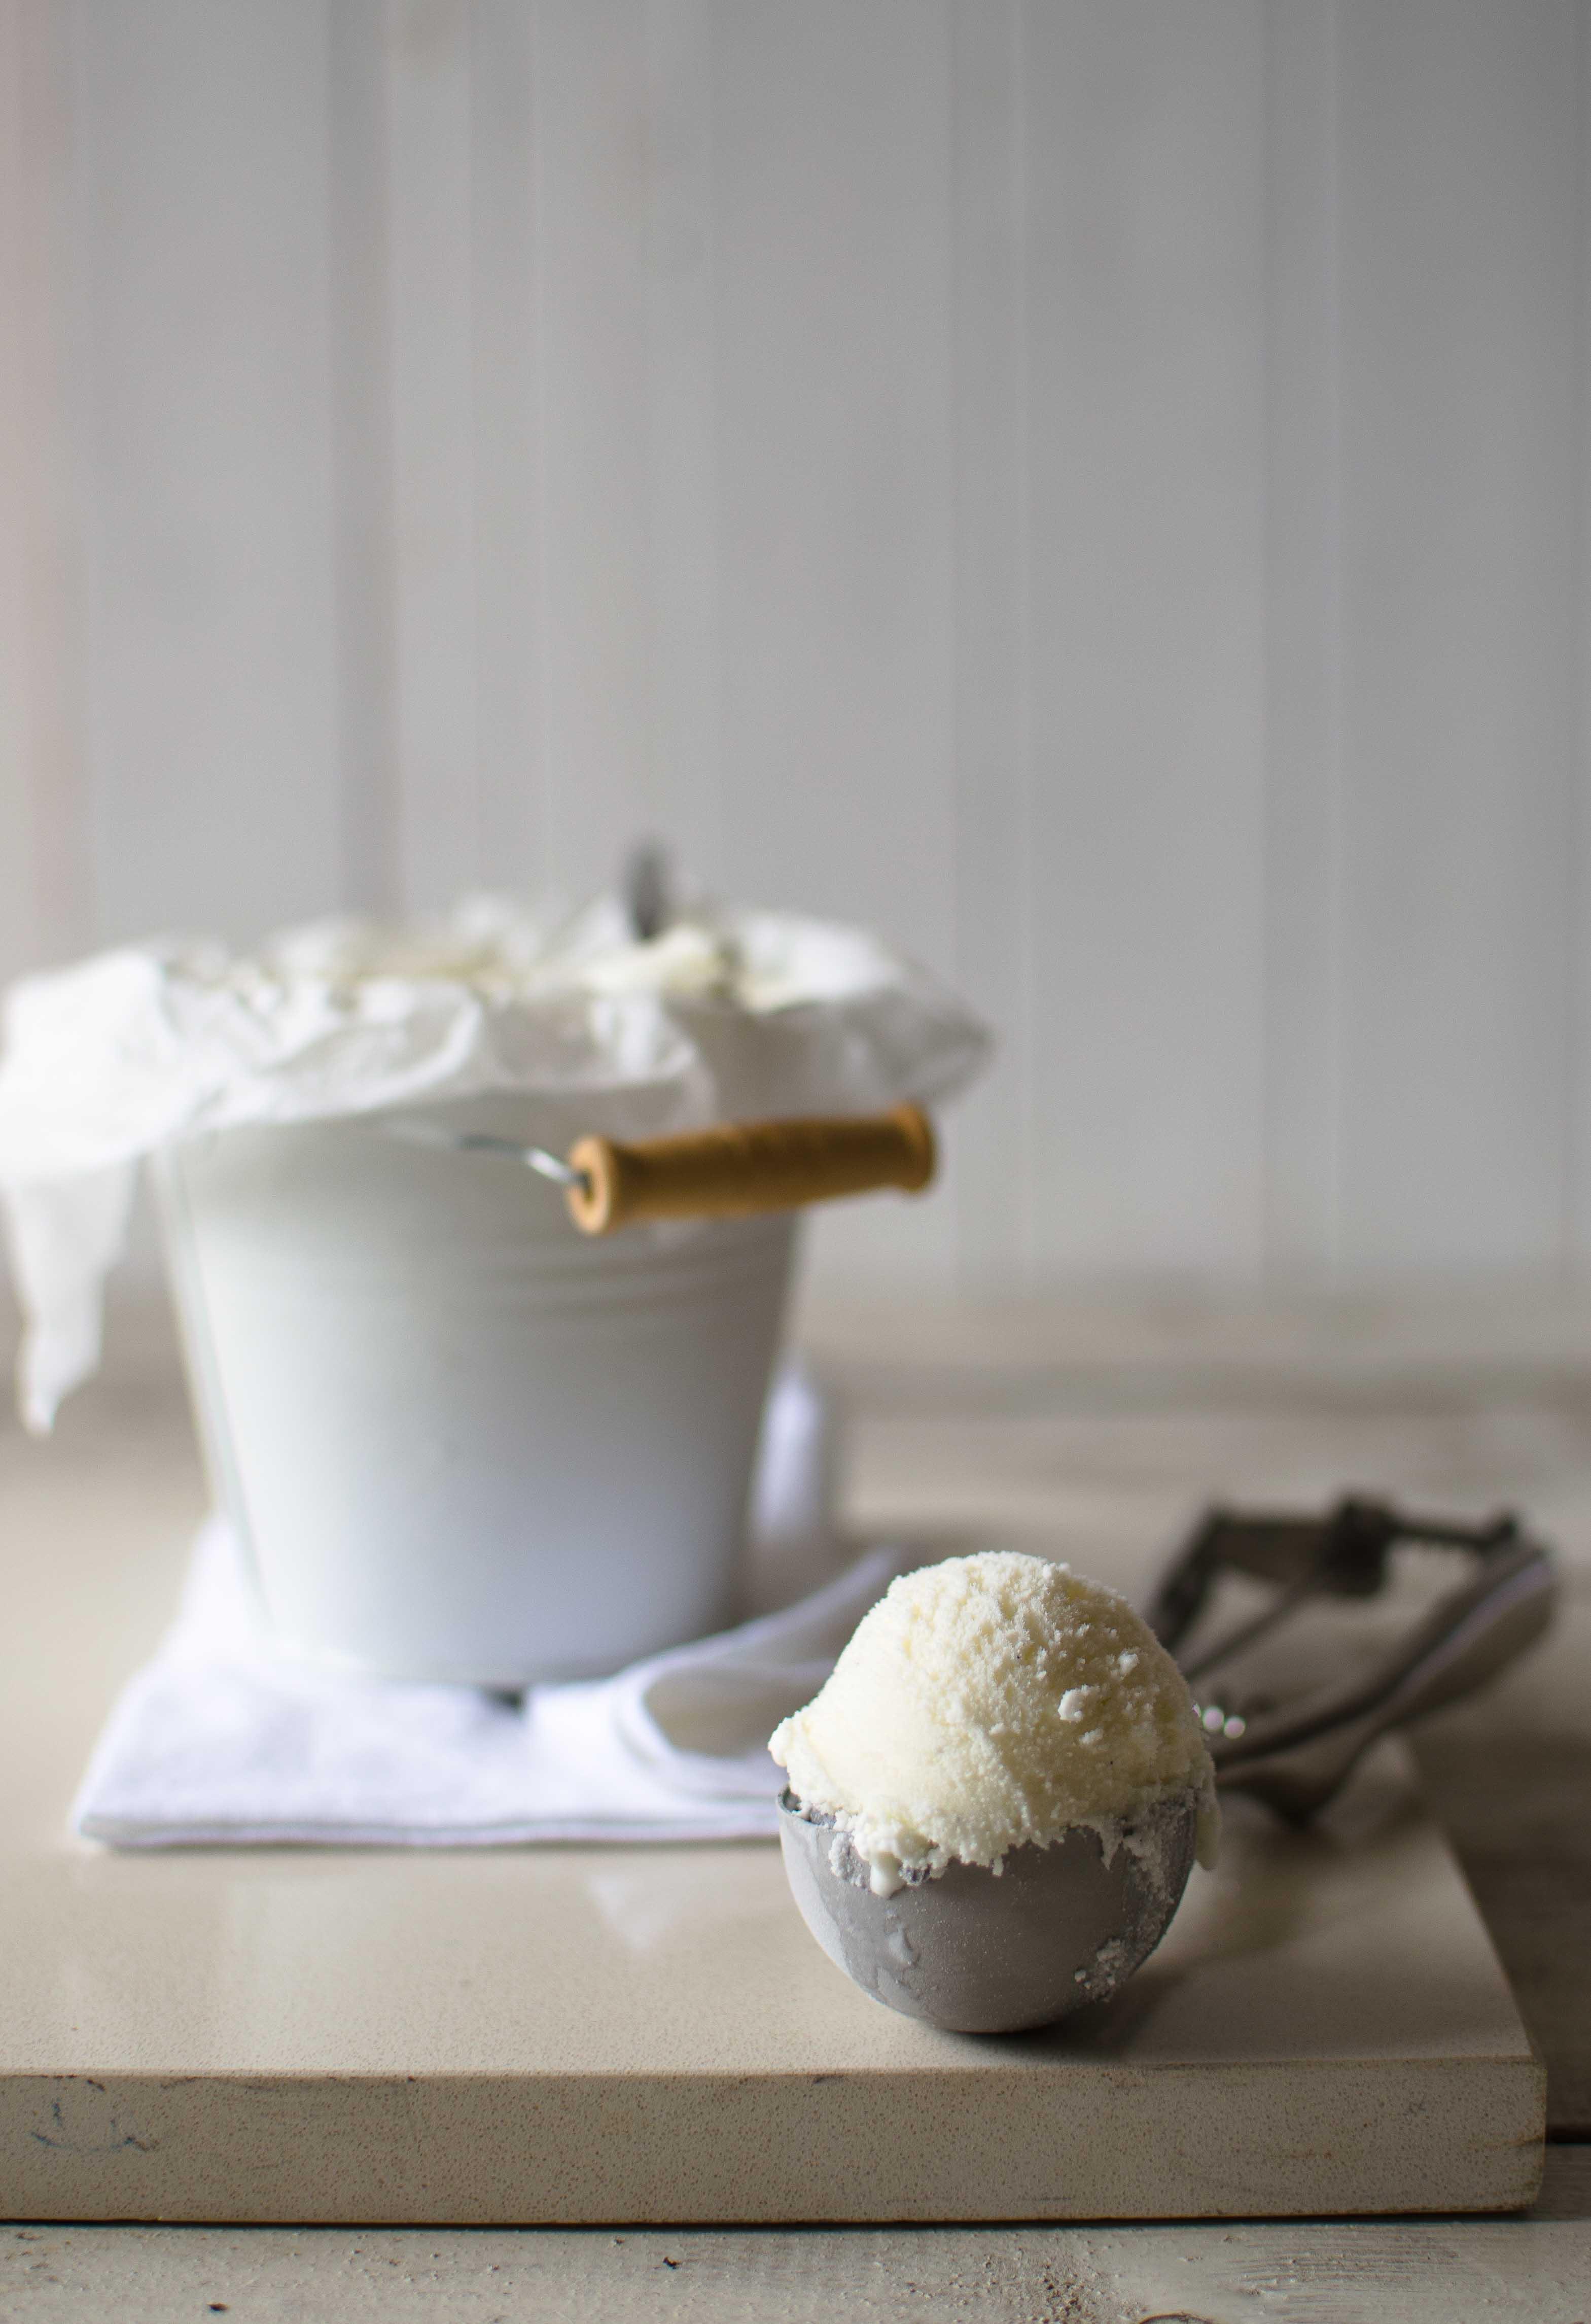 gelato-vaniglia-gelatiera Gelato alla vaniglia